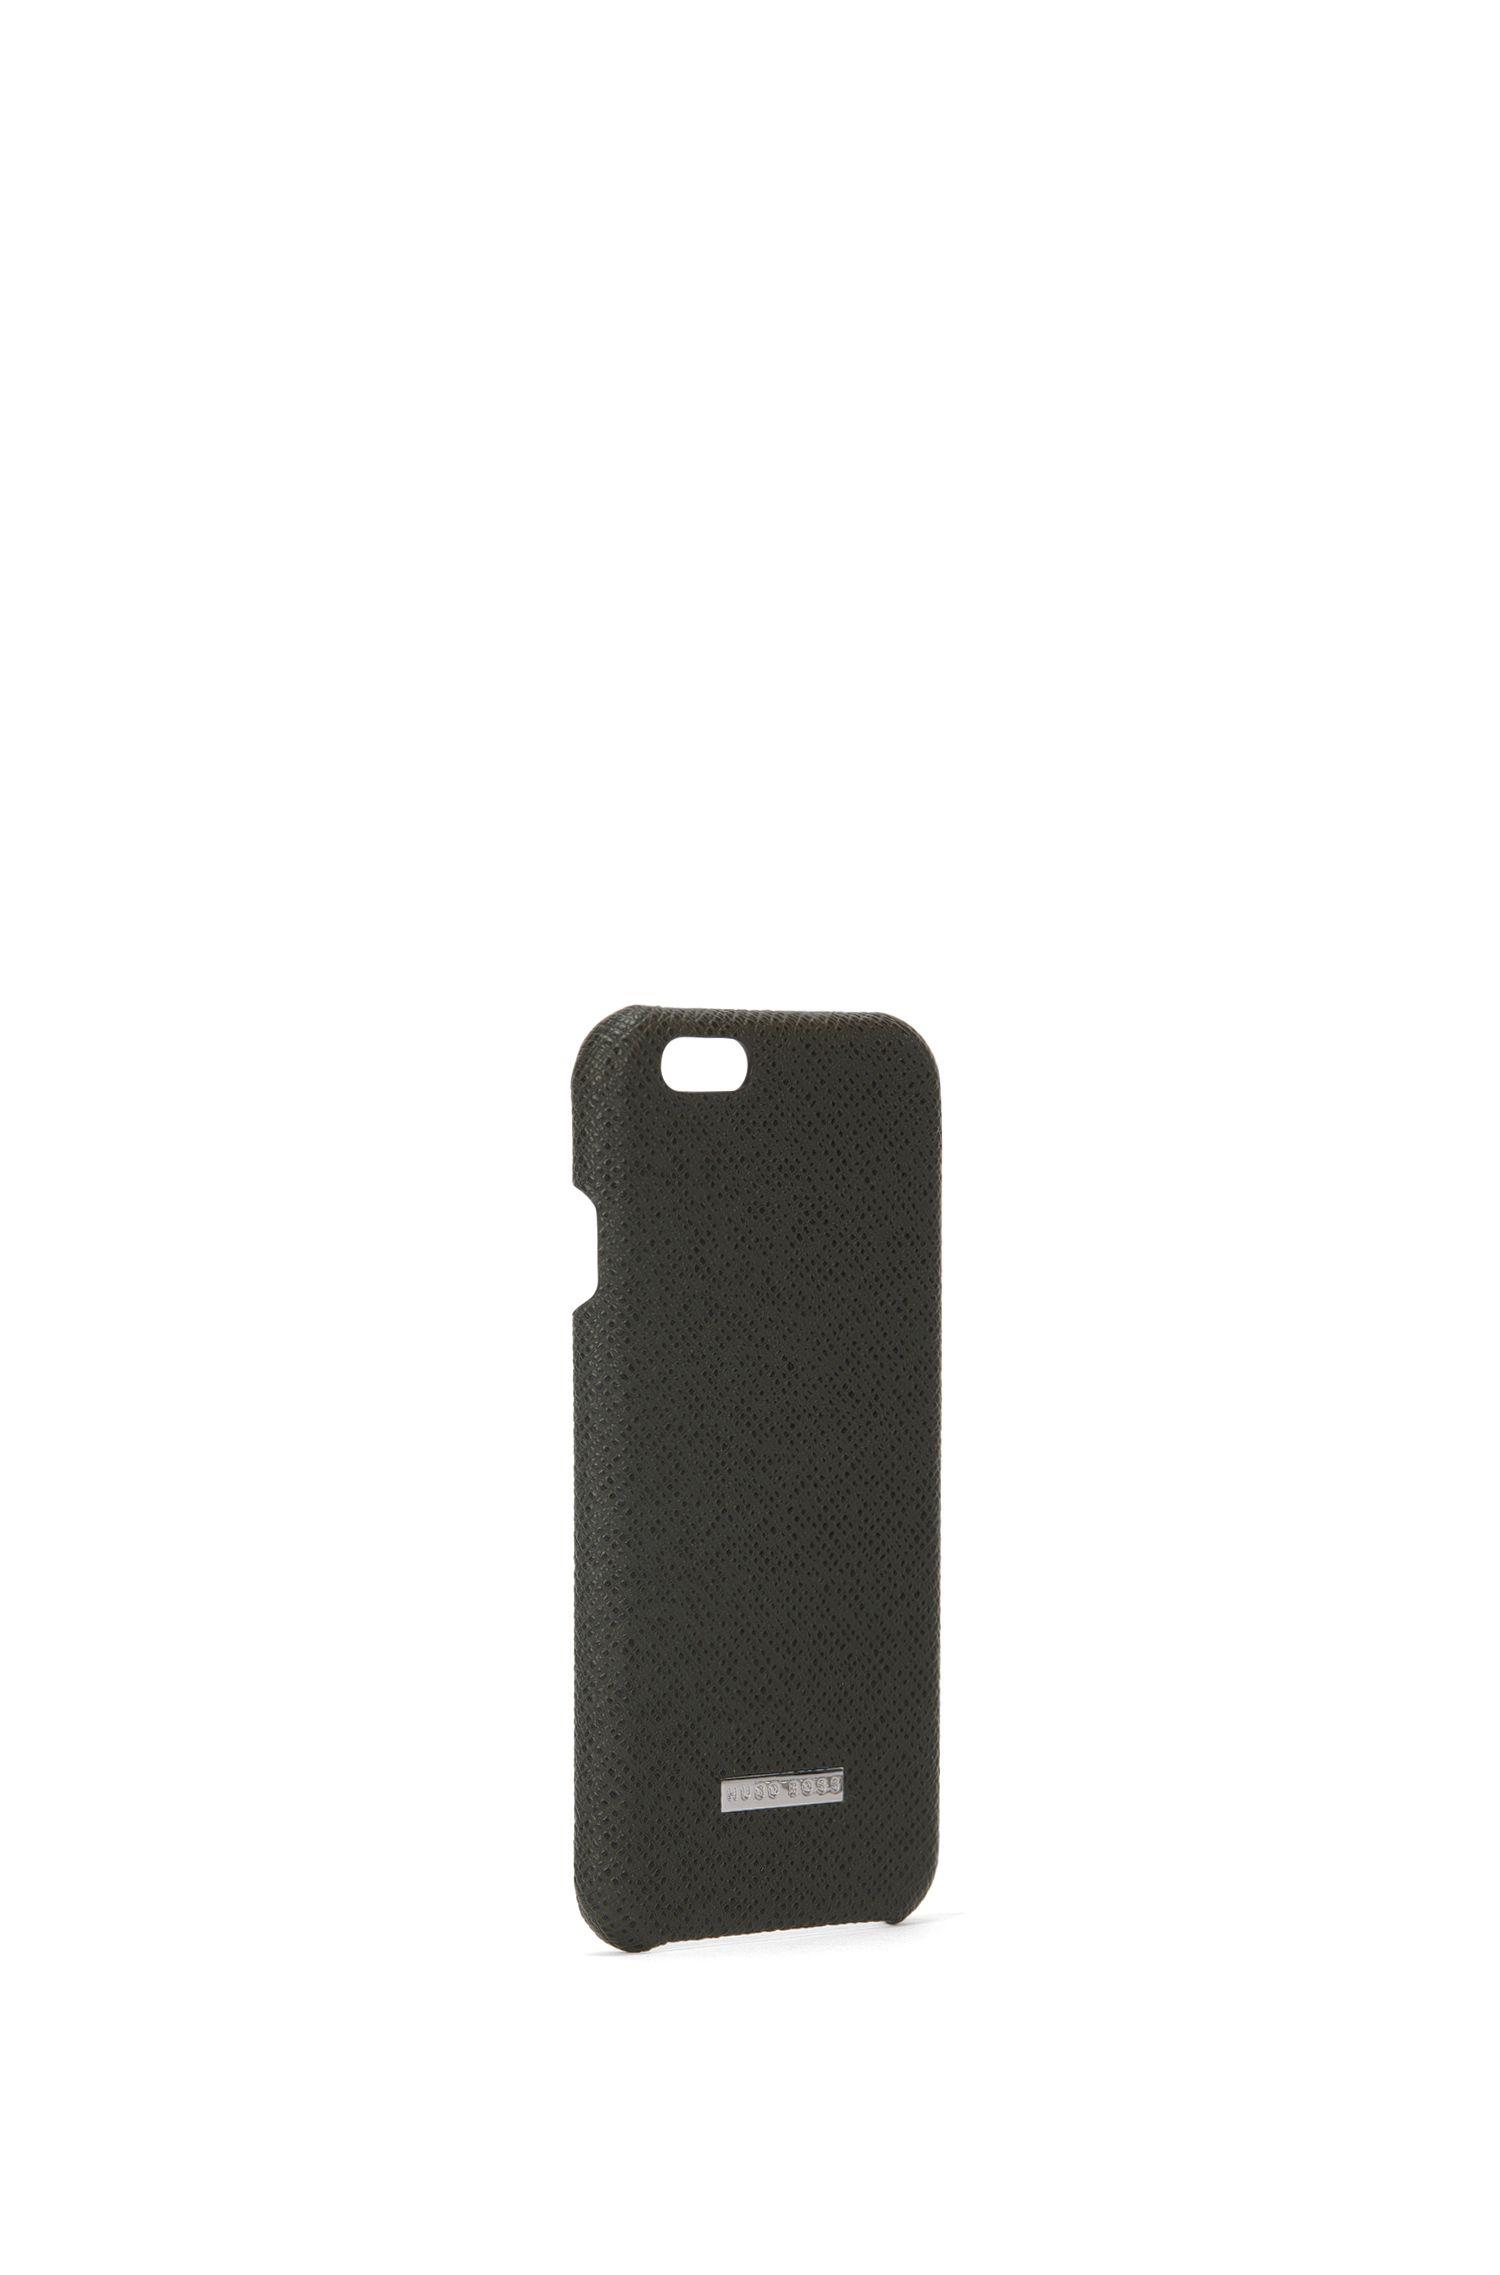 Smartphonehoesje van palmellatoleer uit de Signature Collection